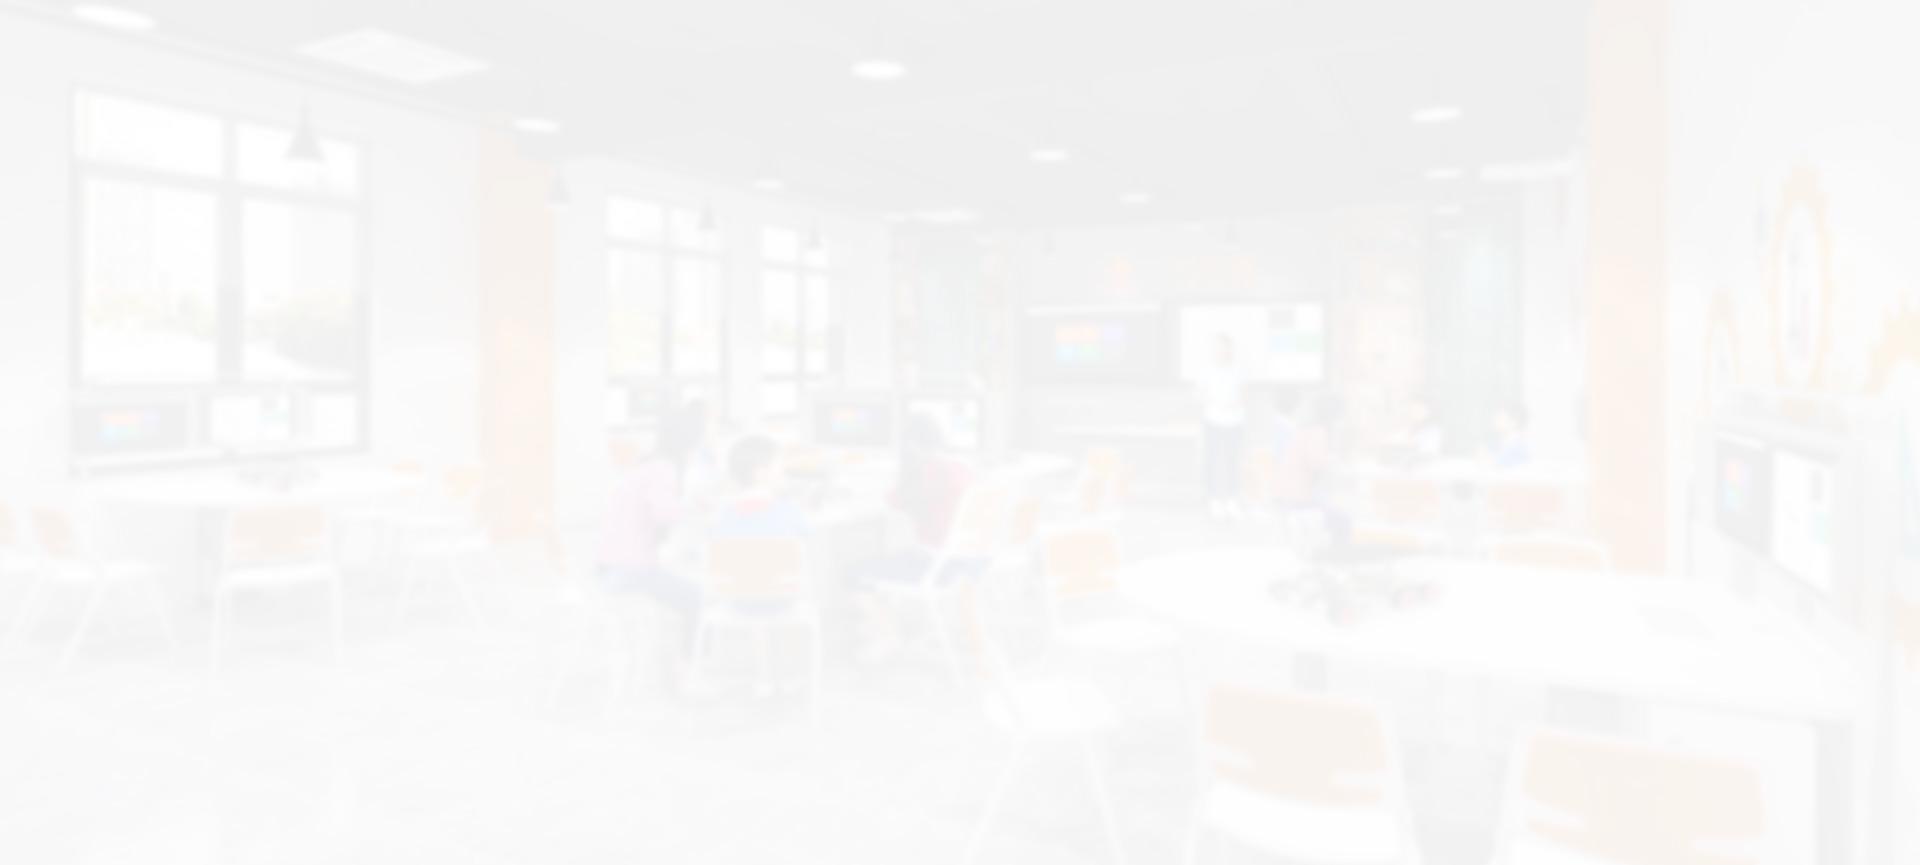 校企合作-应用院校